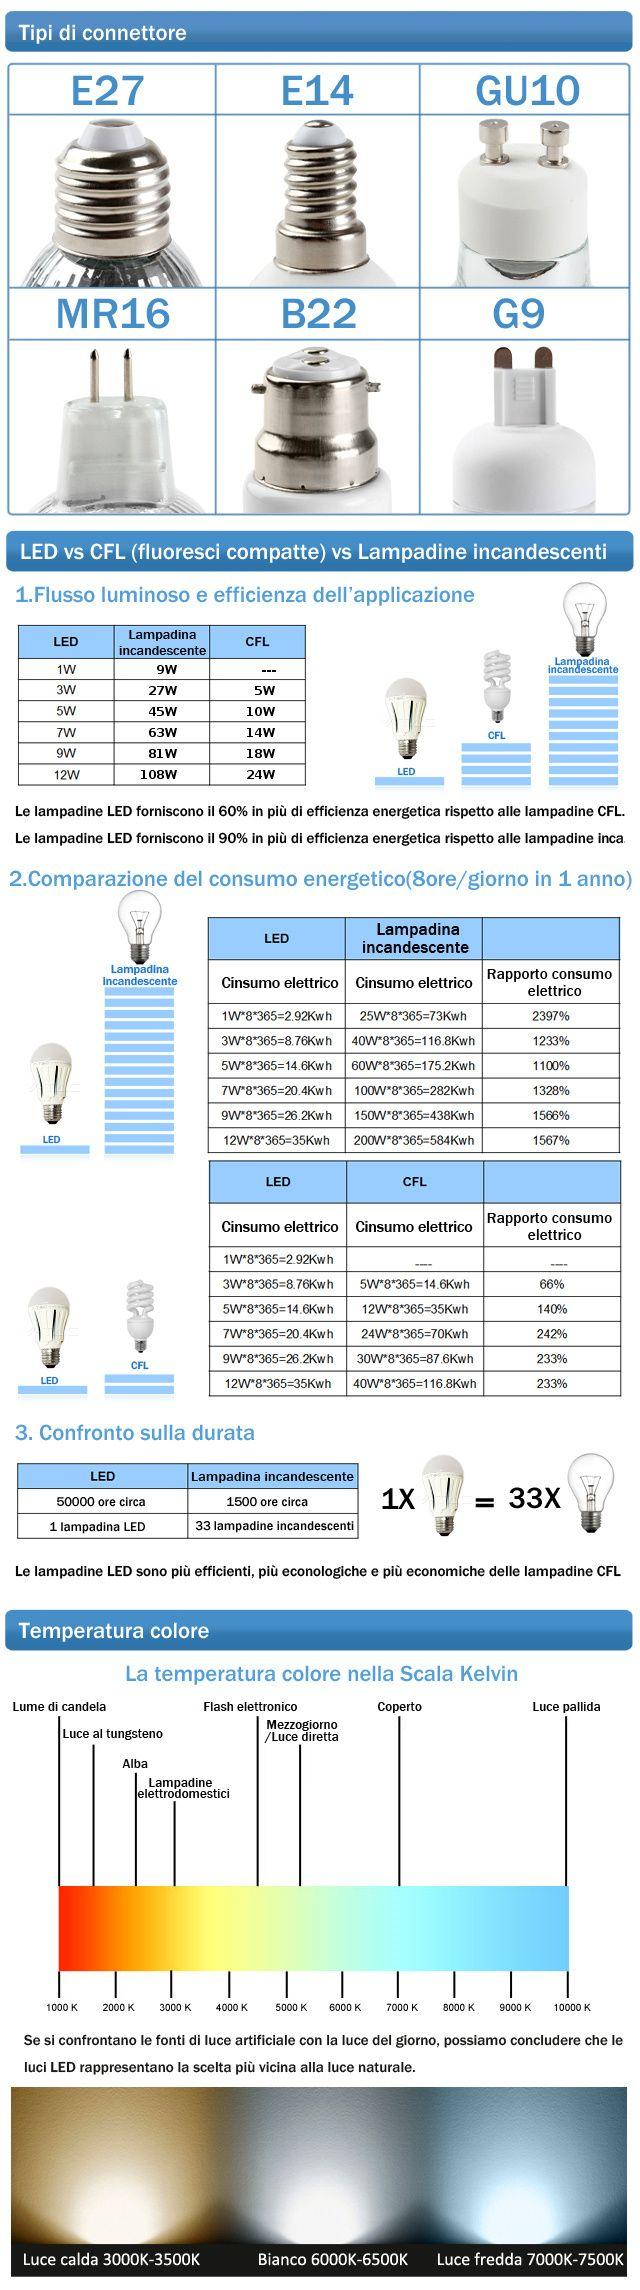 www.tecno-eshop.it LAMPADINA_LED_GU10_5W_BIANCO_NATURALE-1029-206.html?gclid=CLS-kqycl8oCFQQUwwodrFMD3w